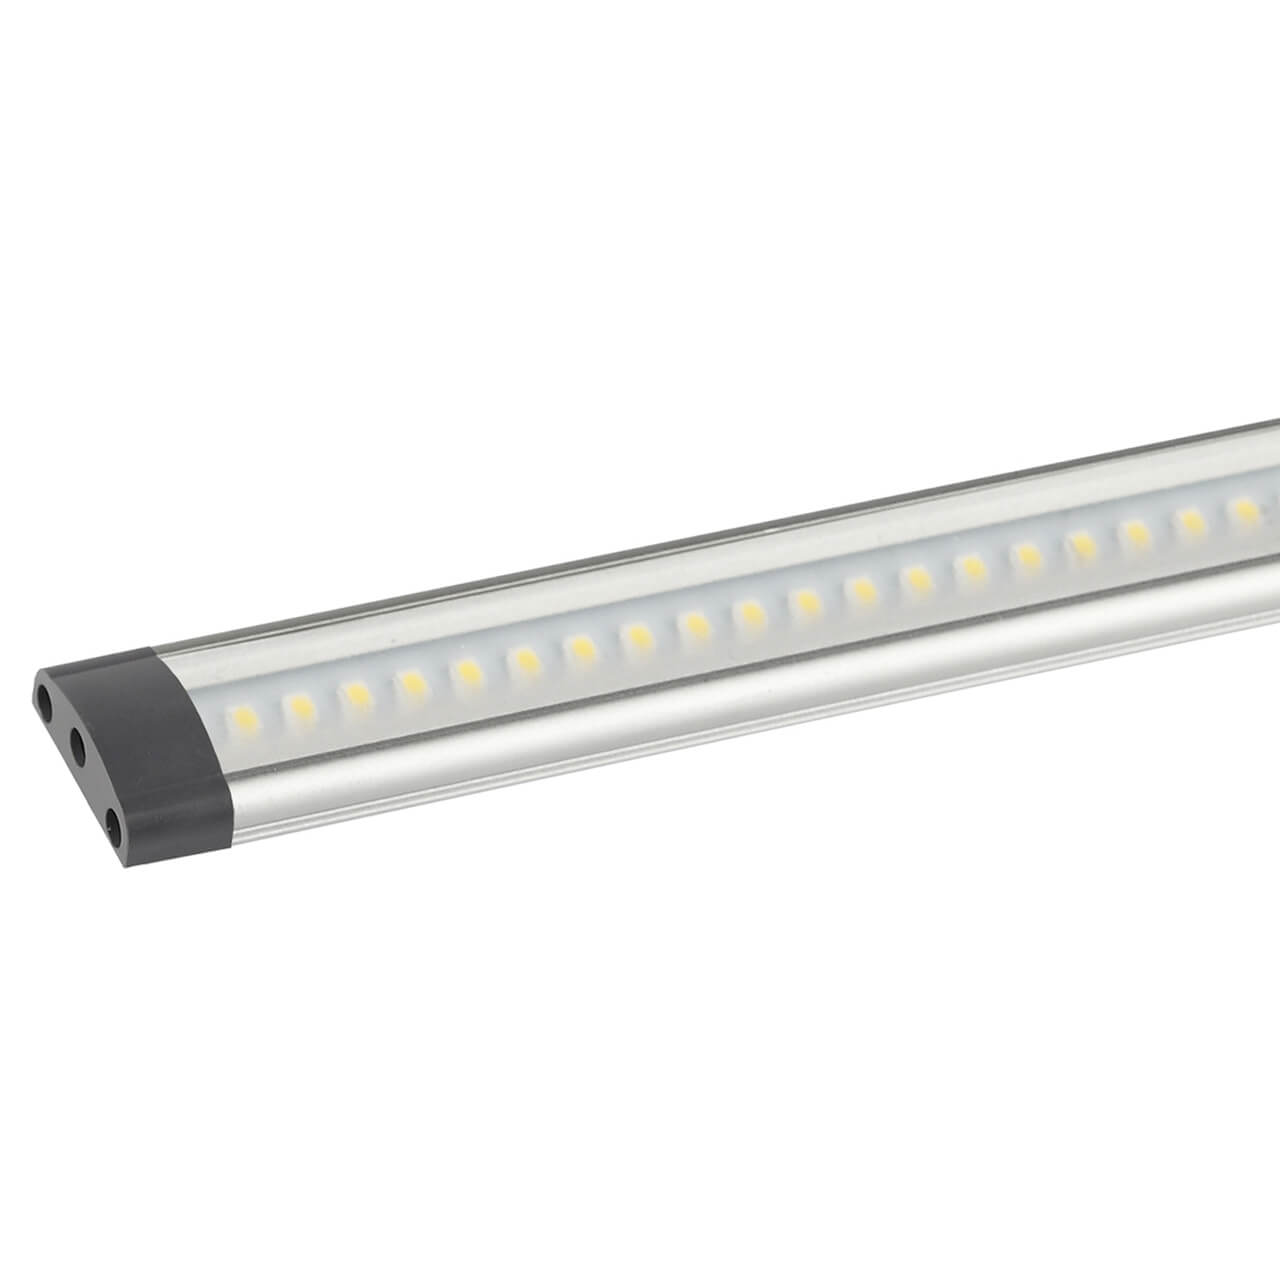 Мебельный светодиодный светильник ЭРА LM-3-840-C1-addl модуль светодиодный дополнительный эра lm 3 840 c1 addl